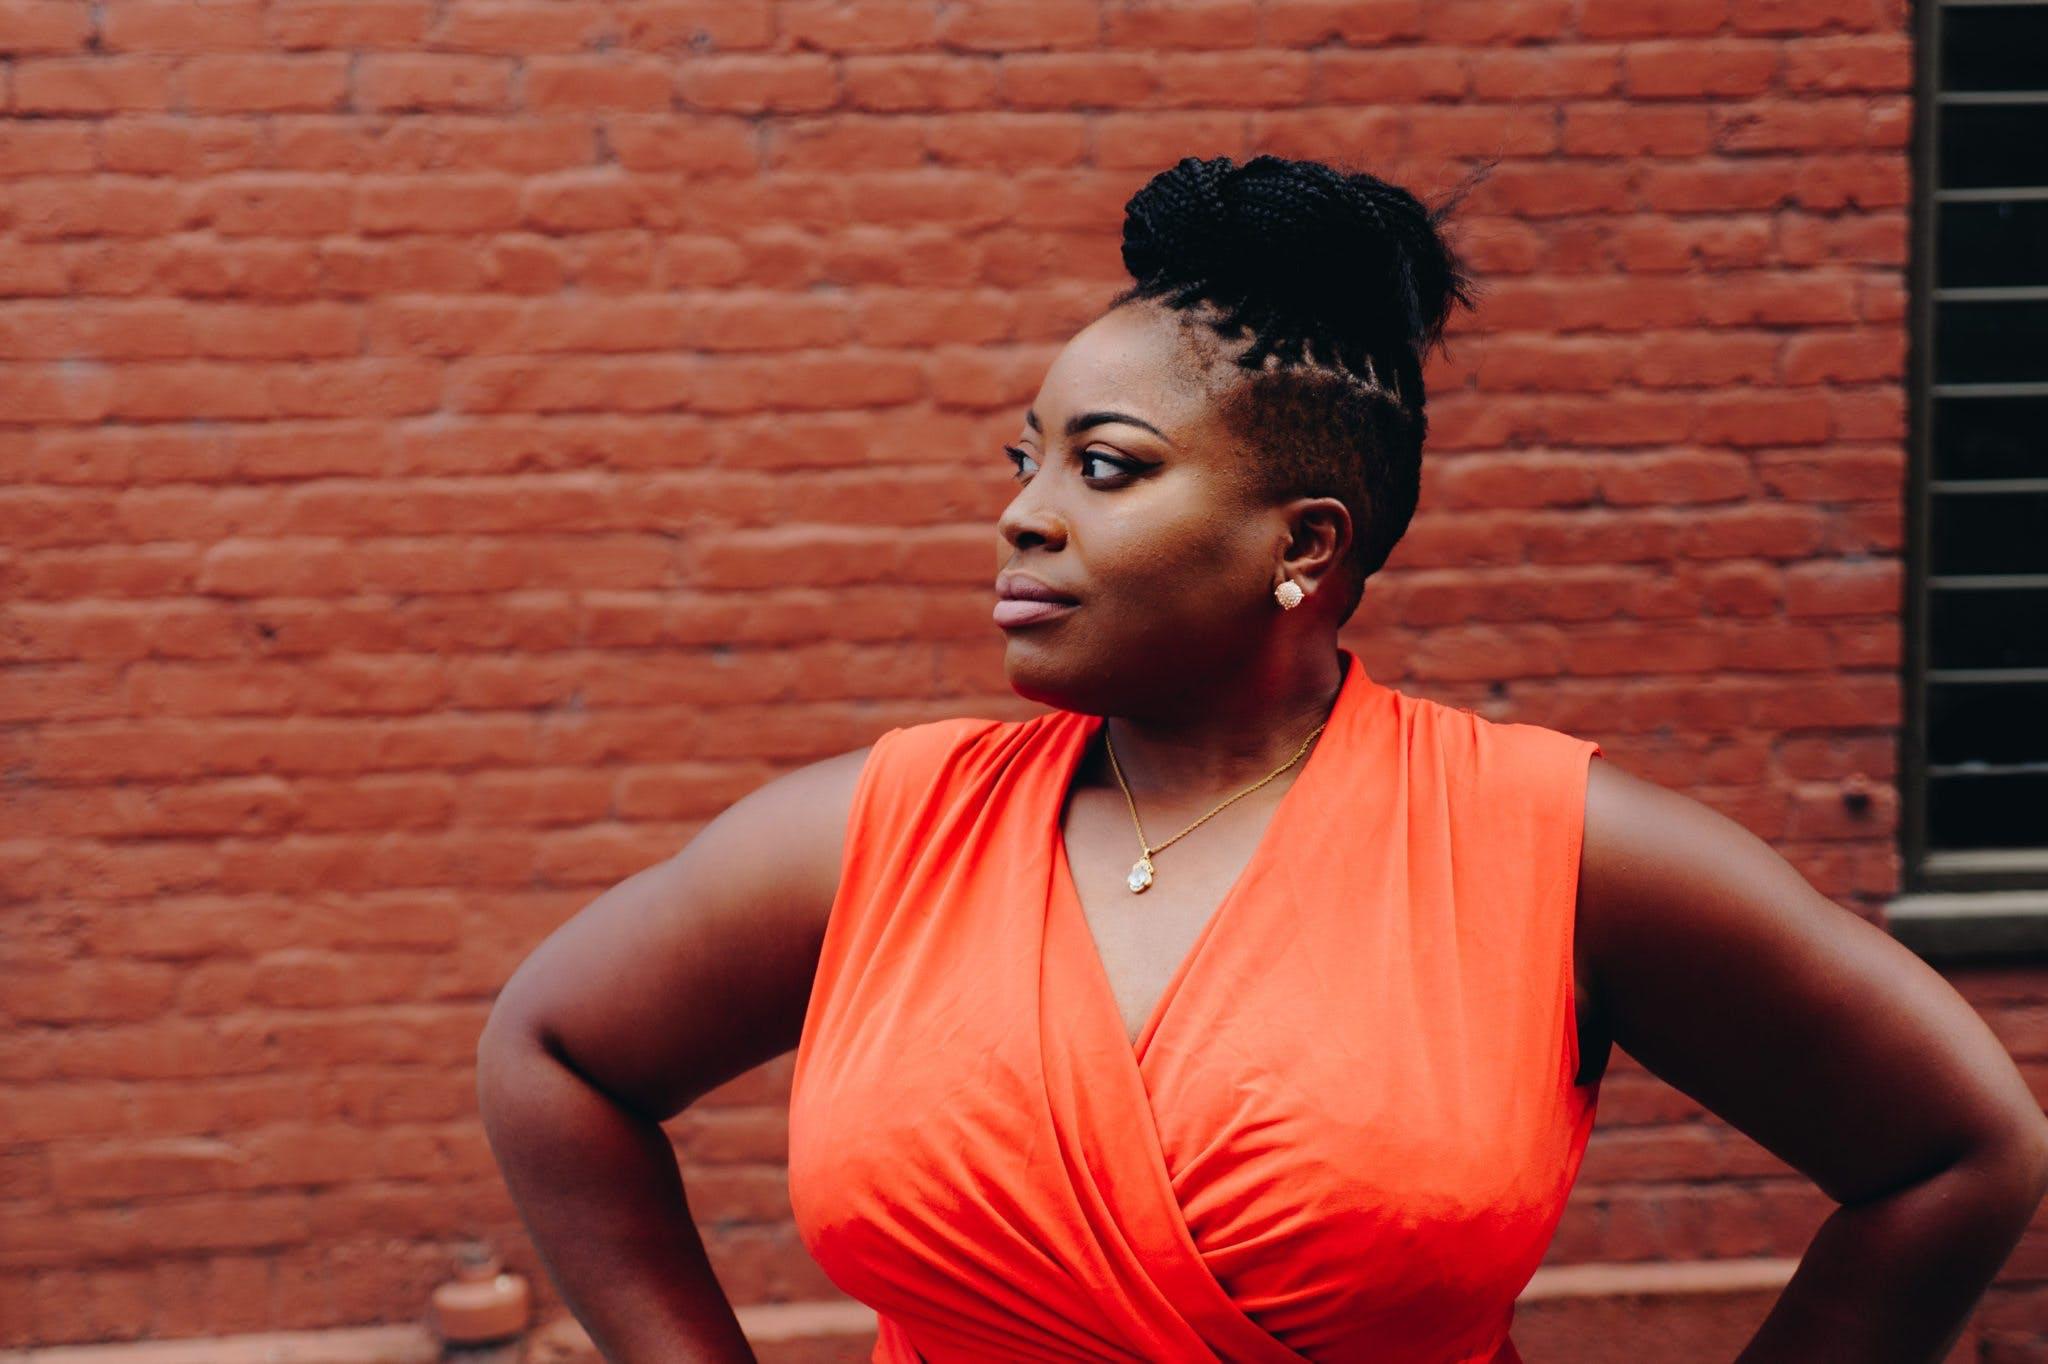 Woman Wearing Orange Sleeveless Top